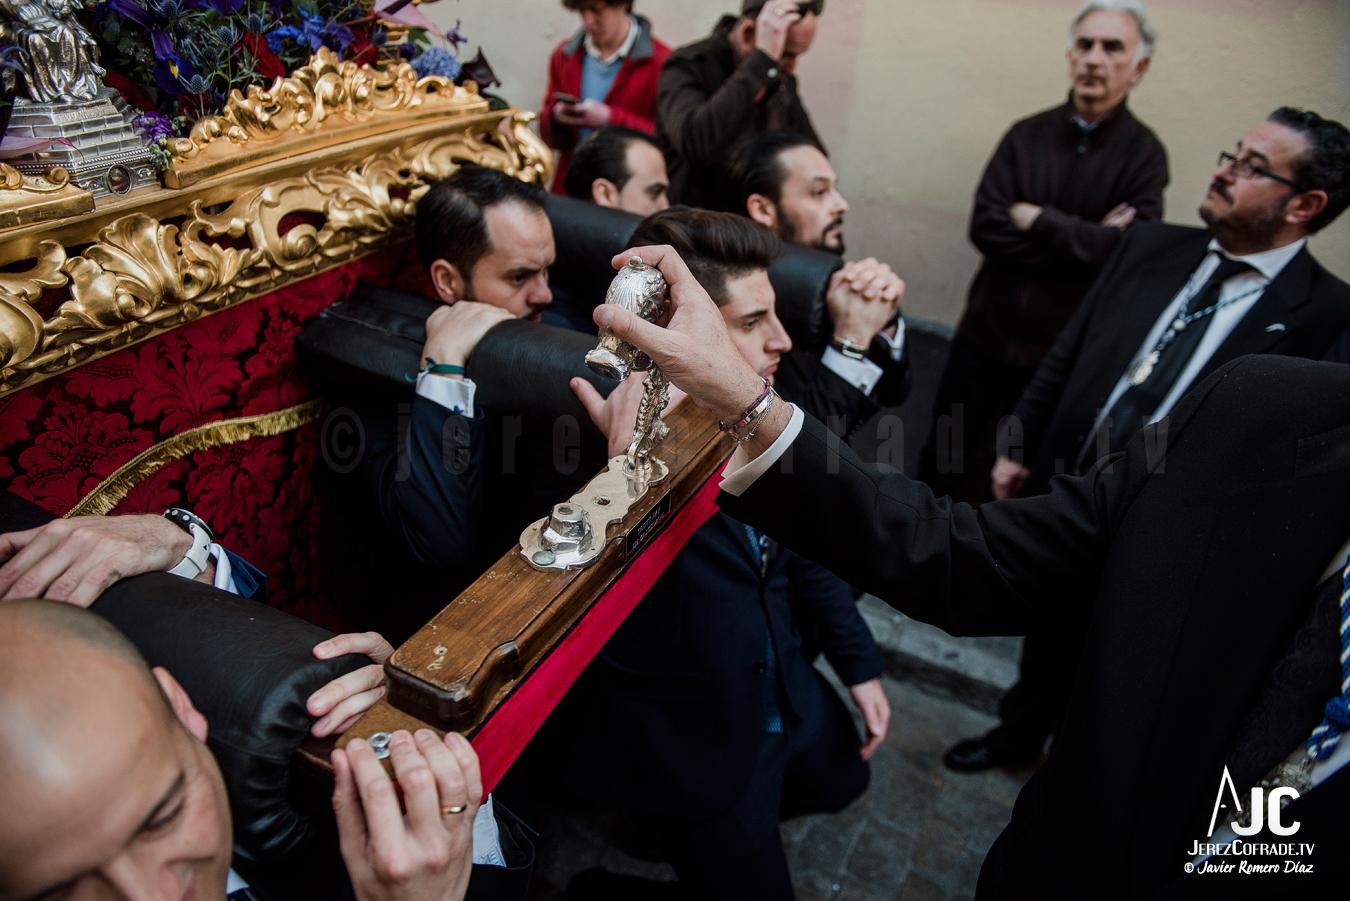 008- Via Crucis Union de Hermandades – Cristo Rey – Jerezcofrade